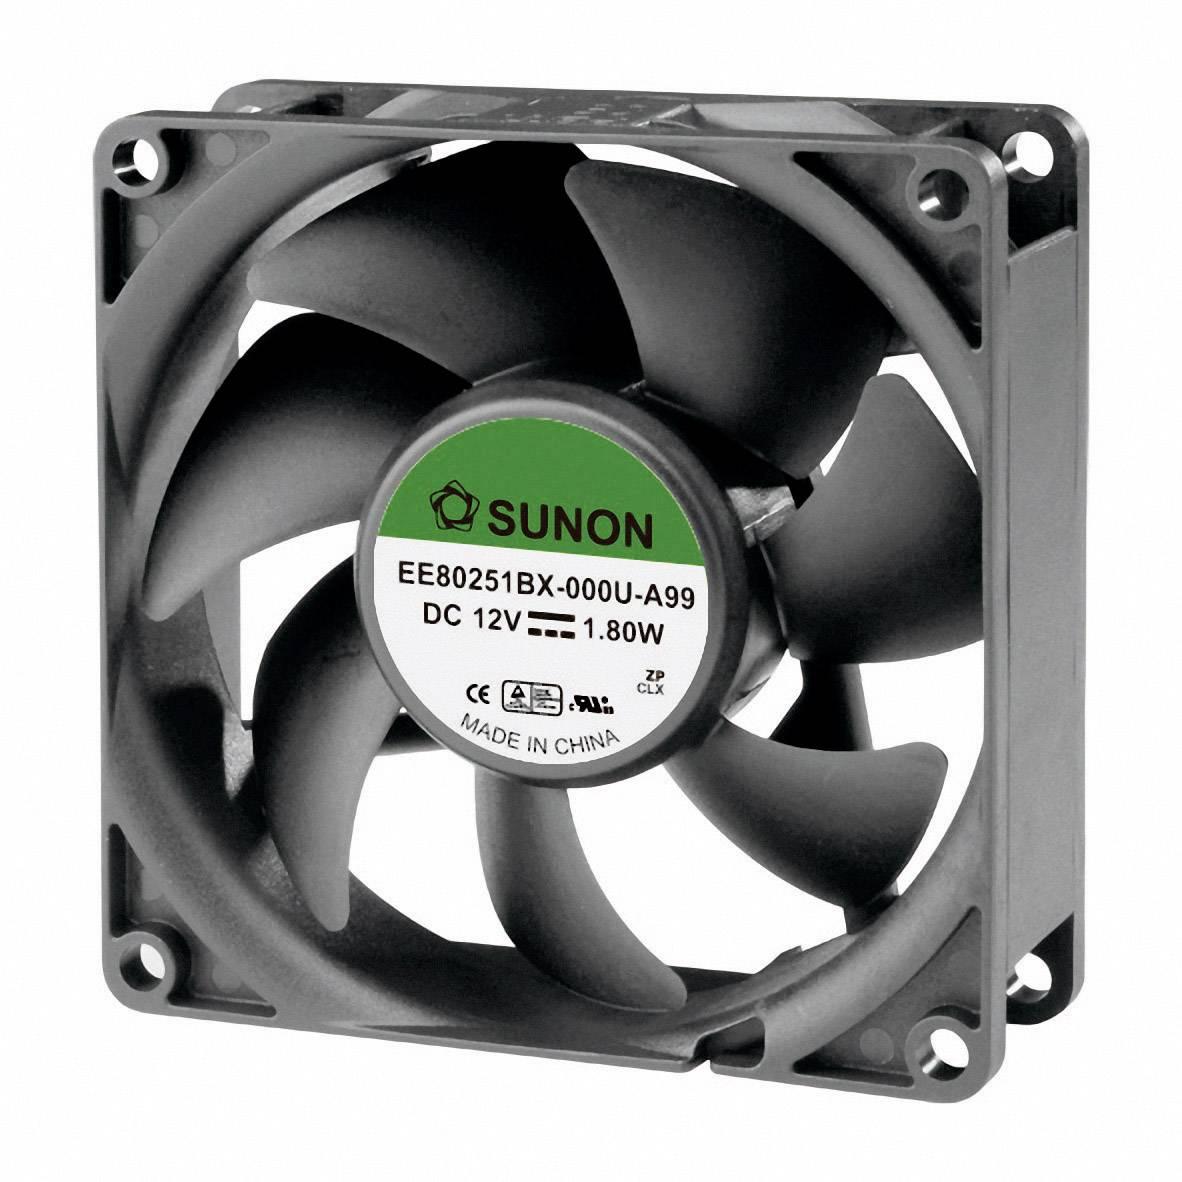 Axiálny ventilátor Sunon EE80251BX-000U-A99 EE80251BX-000U-A99, 12 V/DC, 38 dB, (d x š x v) 80 x 80 x 25 mm